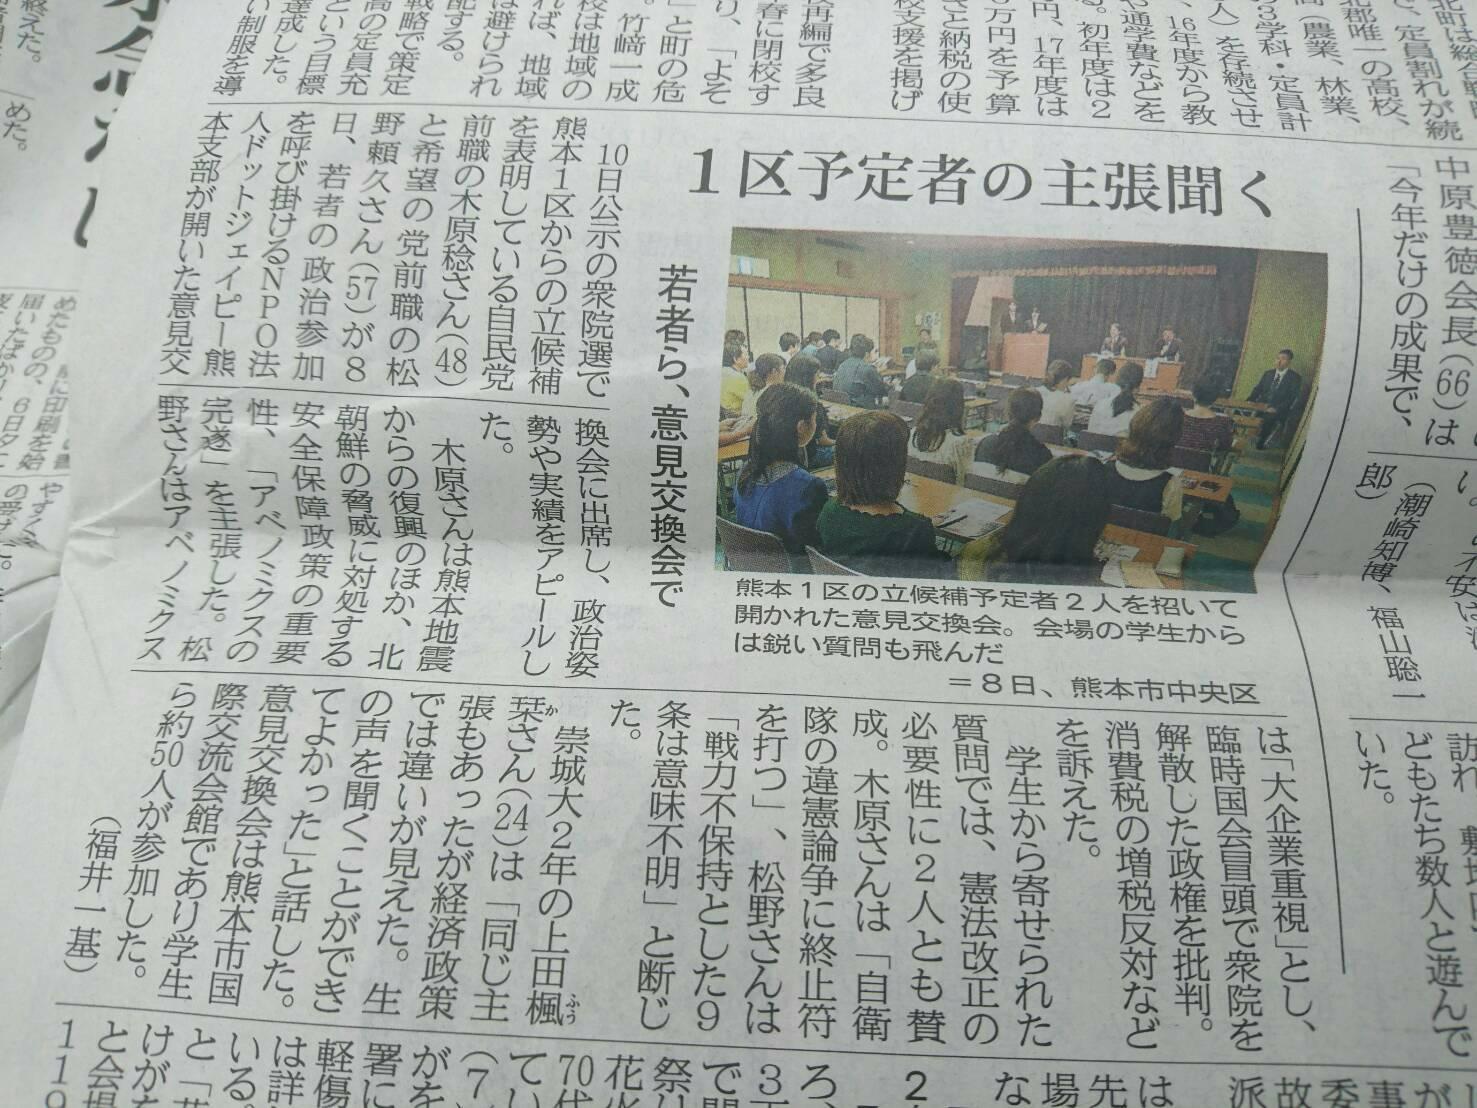 171009【40th熊本】【プロモ】掲載された記事